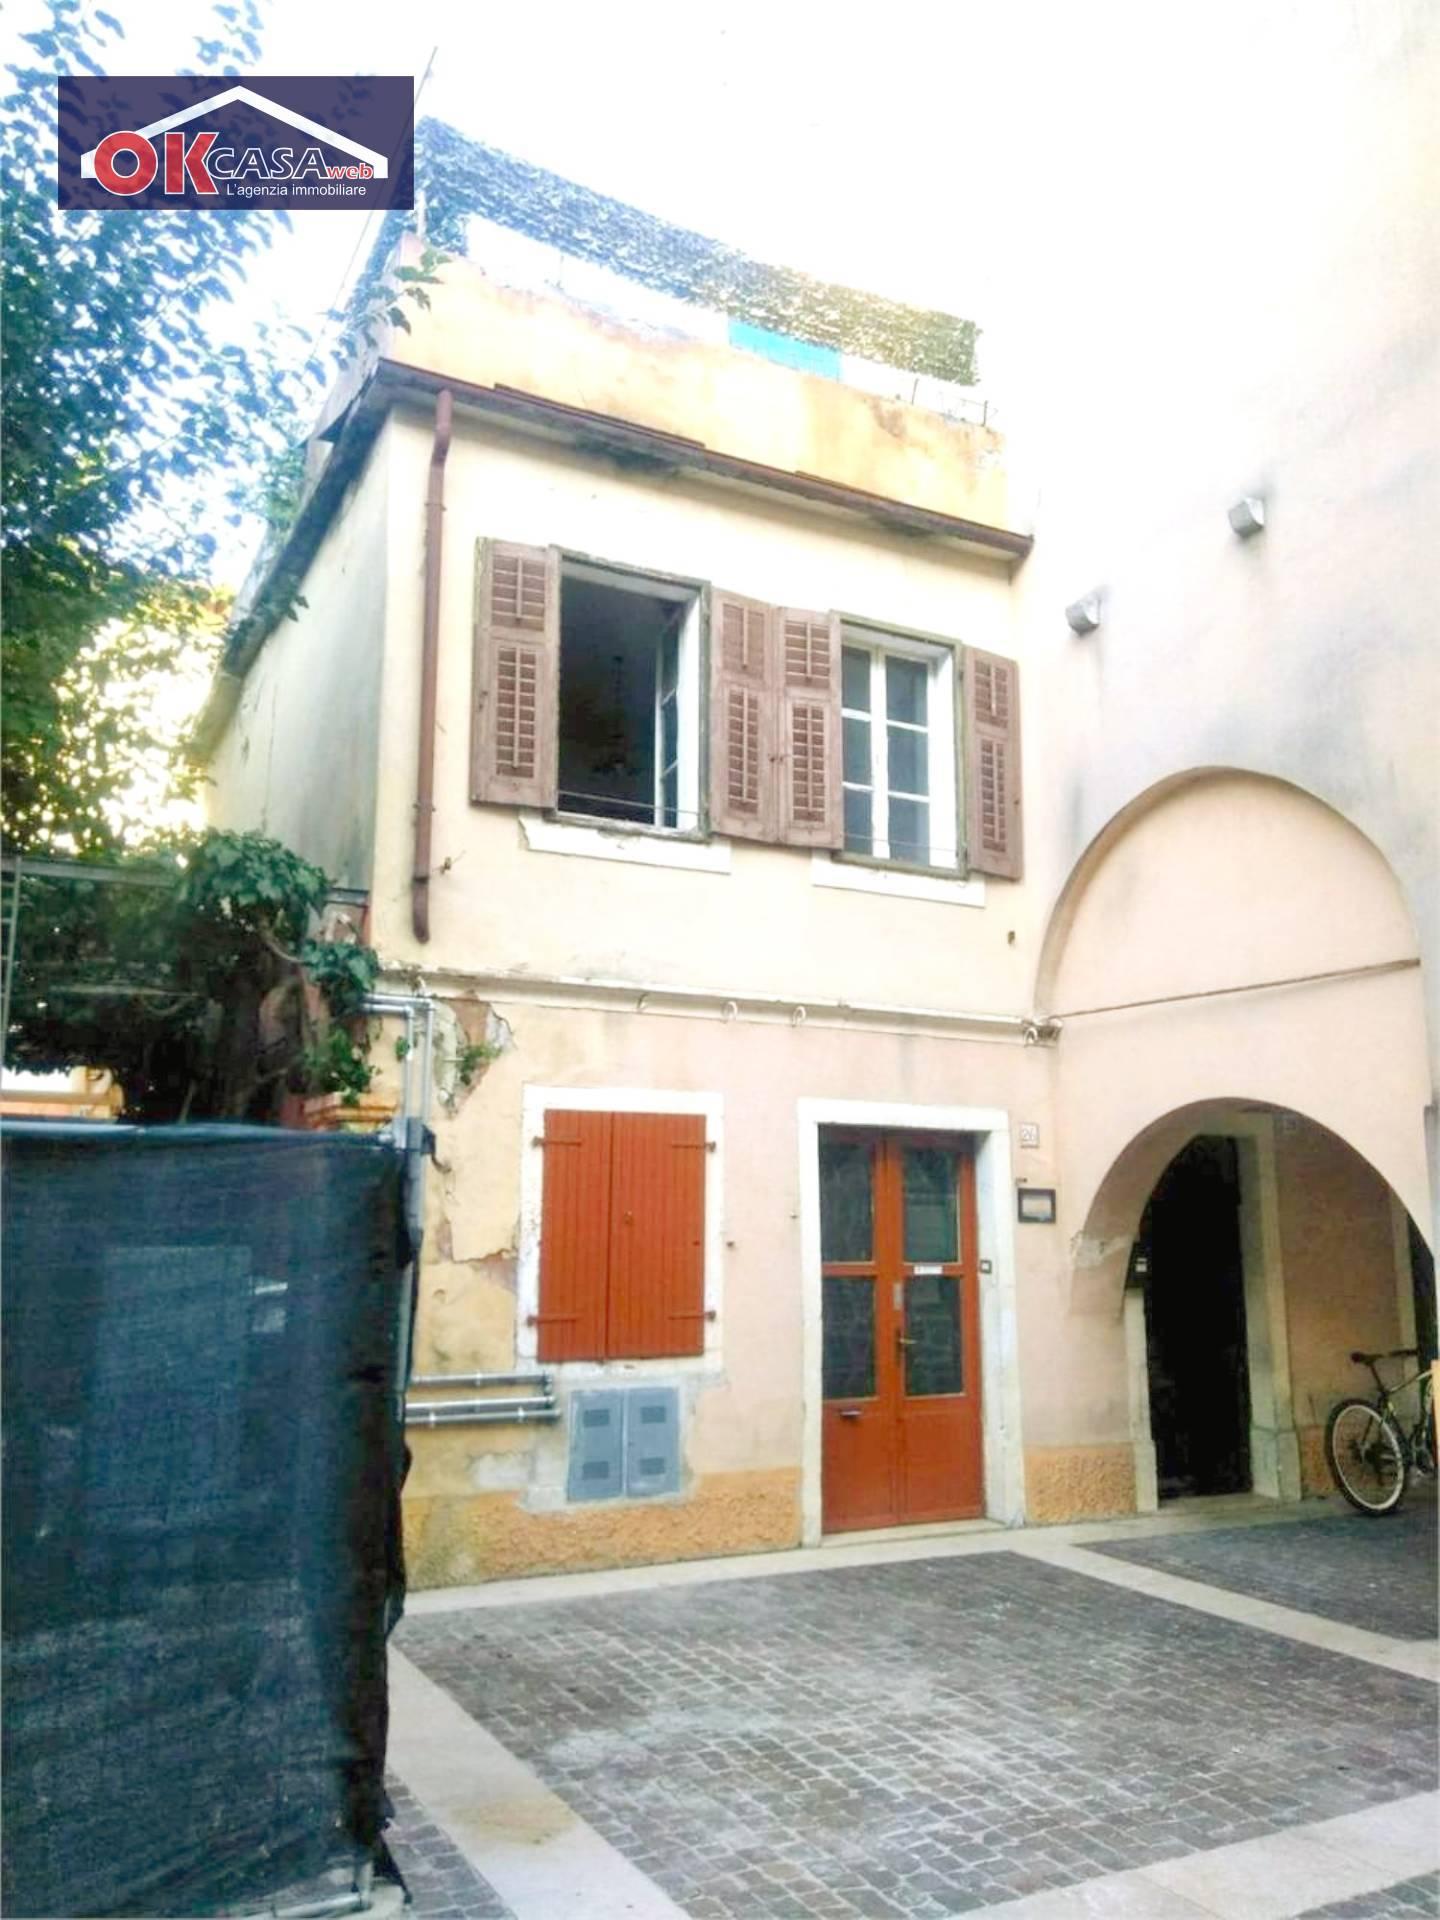 Immobile | Gorizia, Monfalcone, Via Sant'Ambrogio